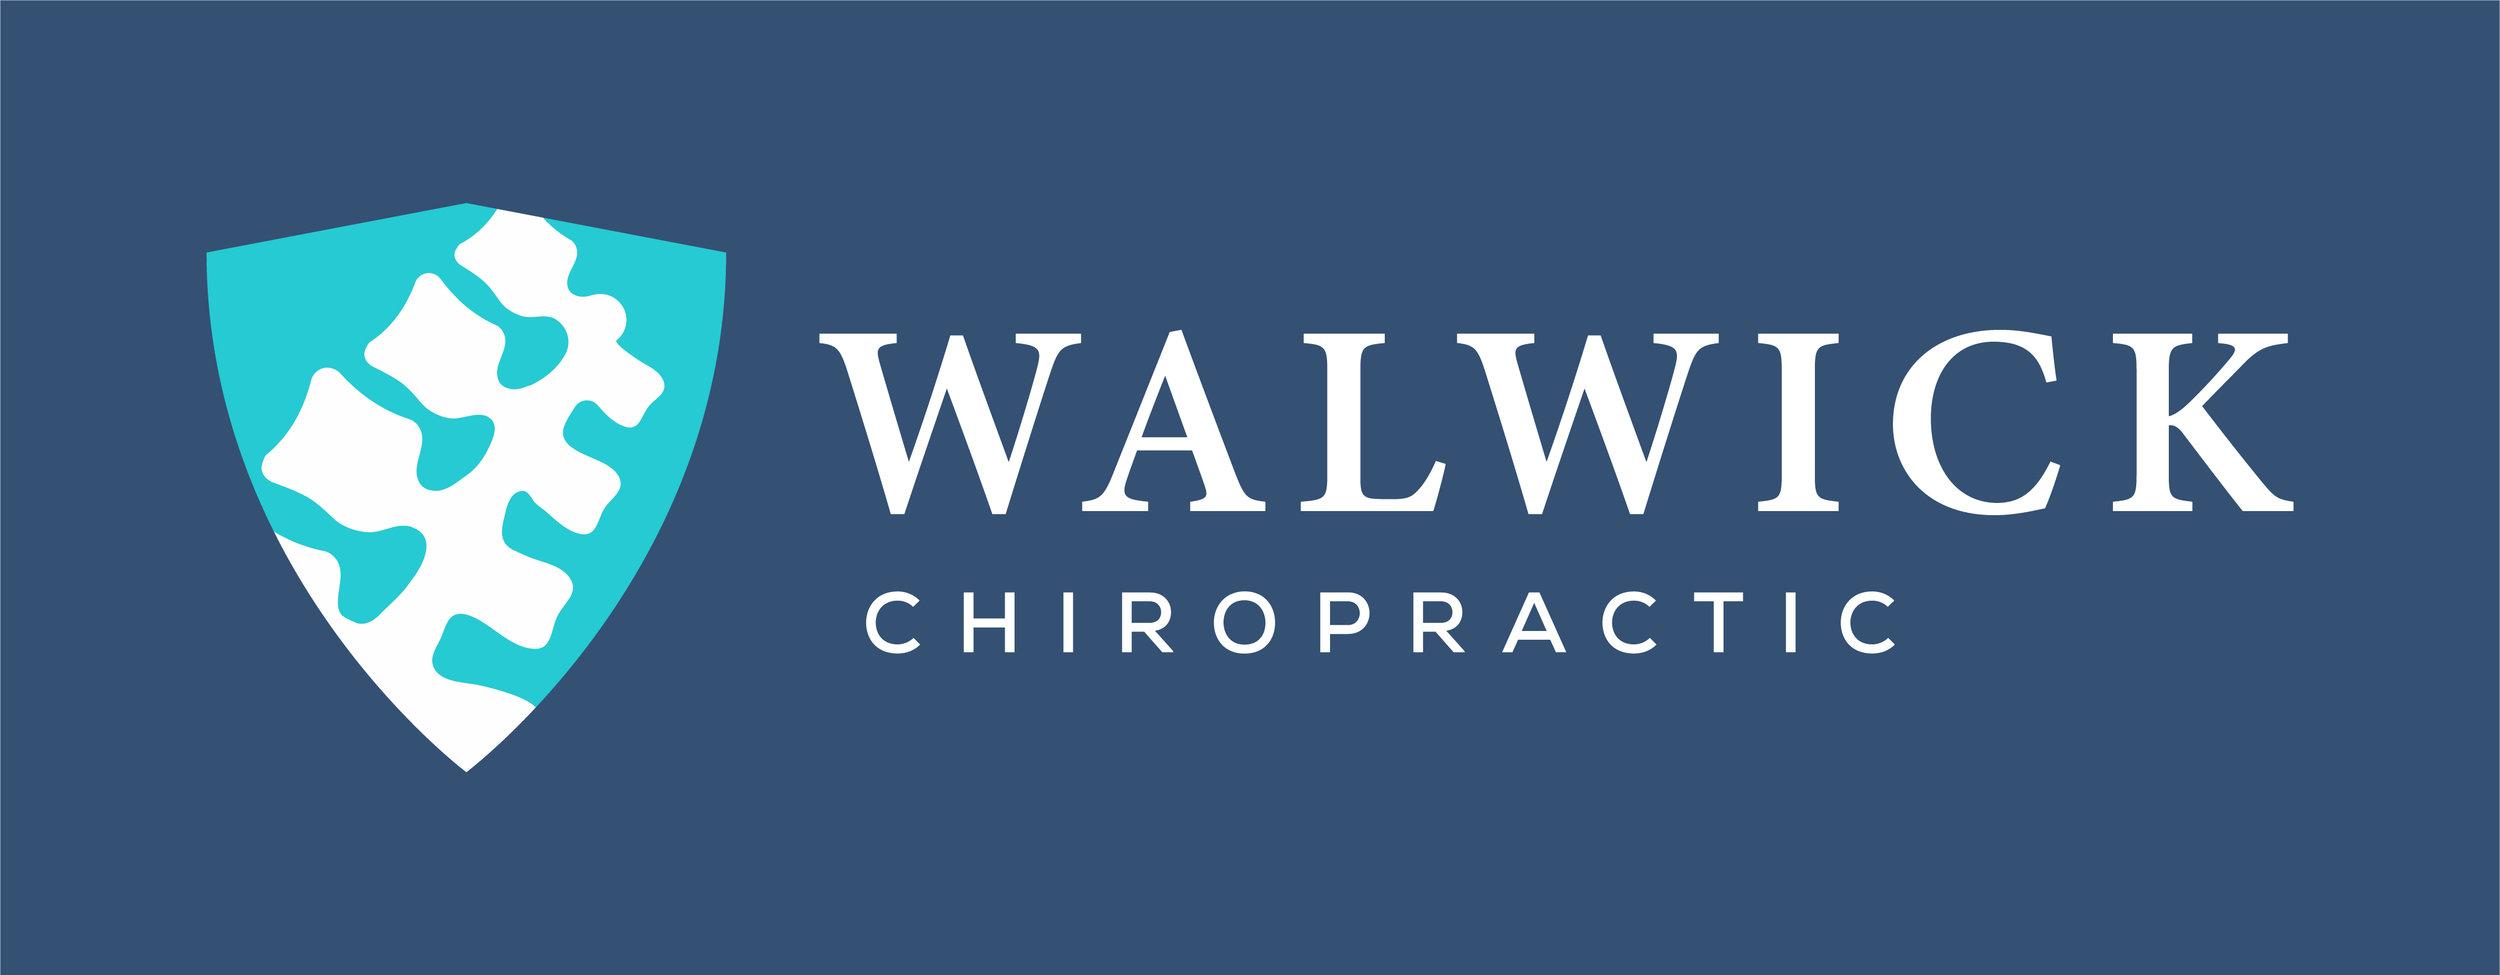 Logo_WalwickChiro_Dark_Side.jpg